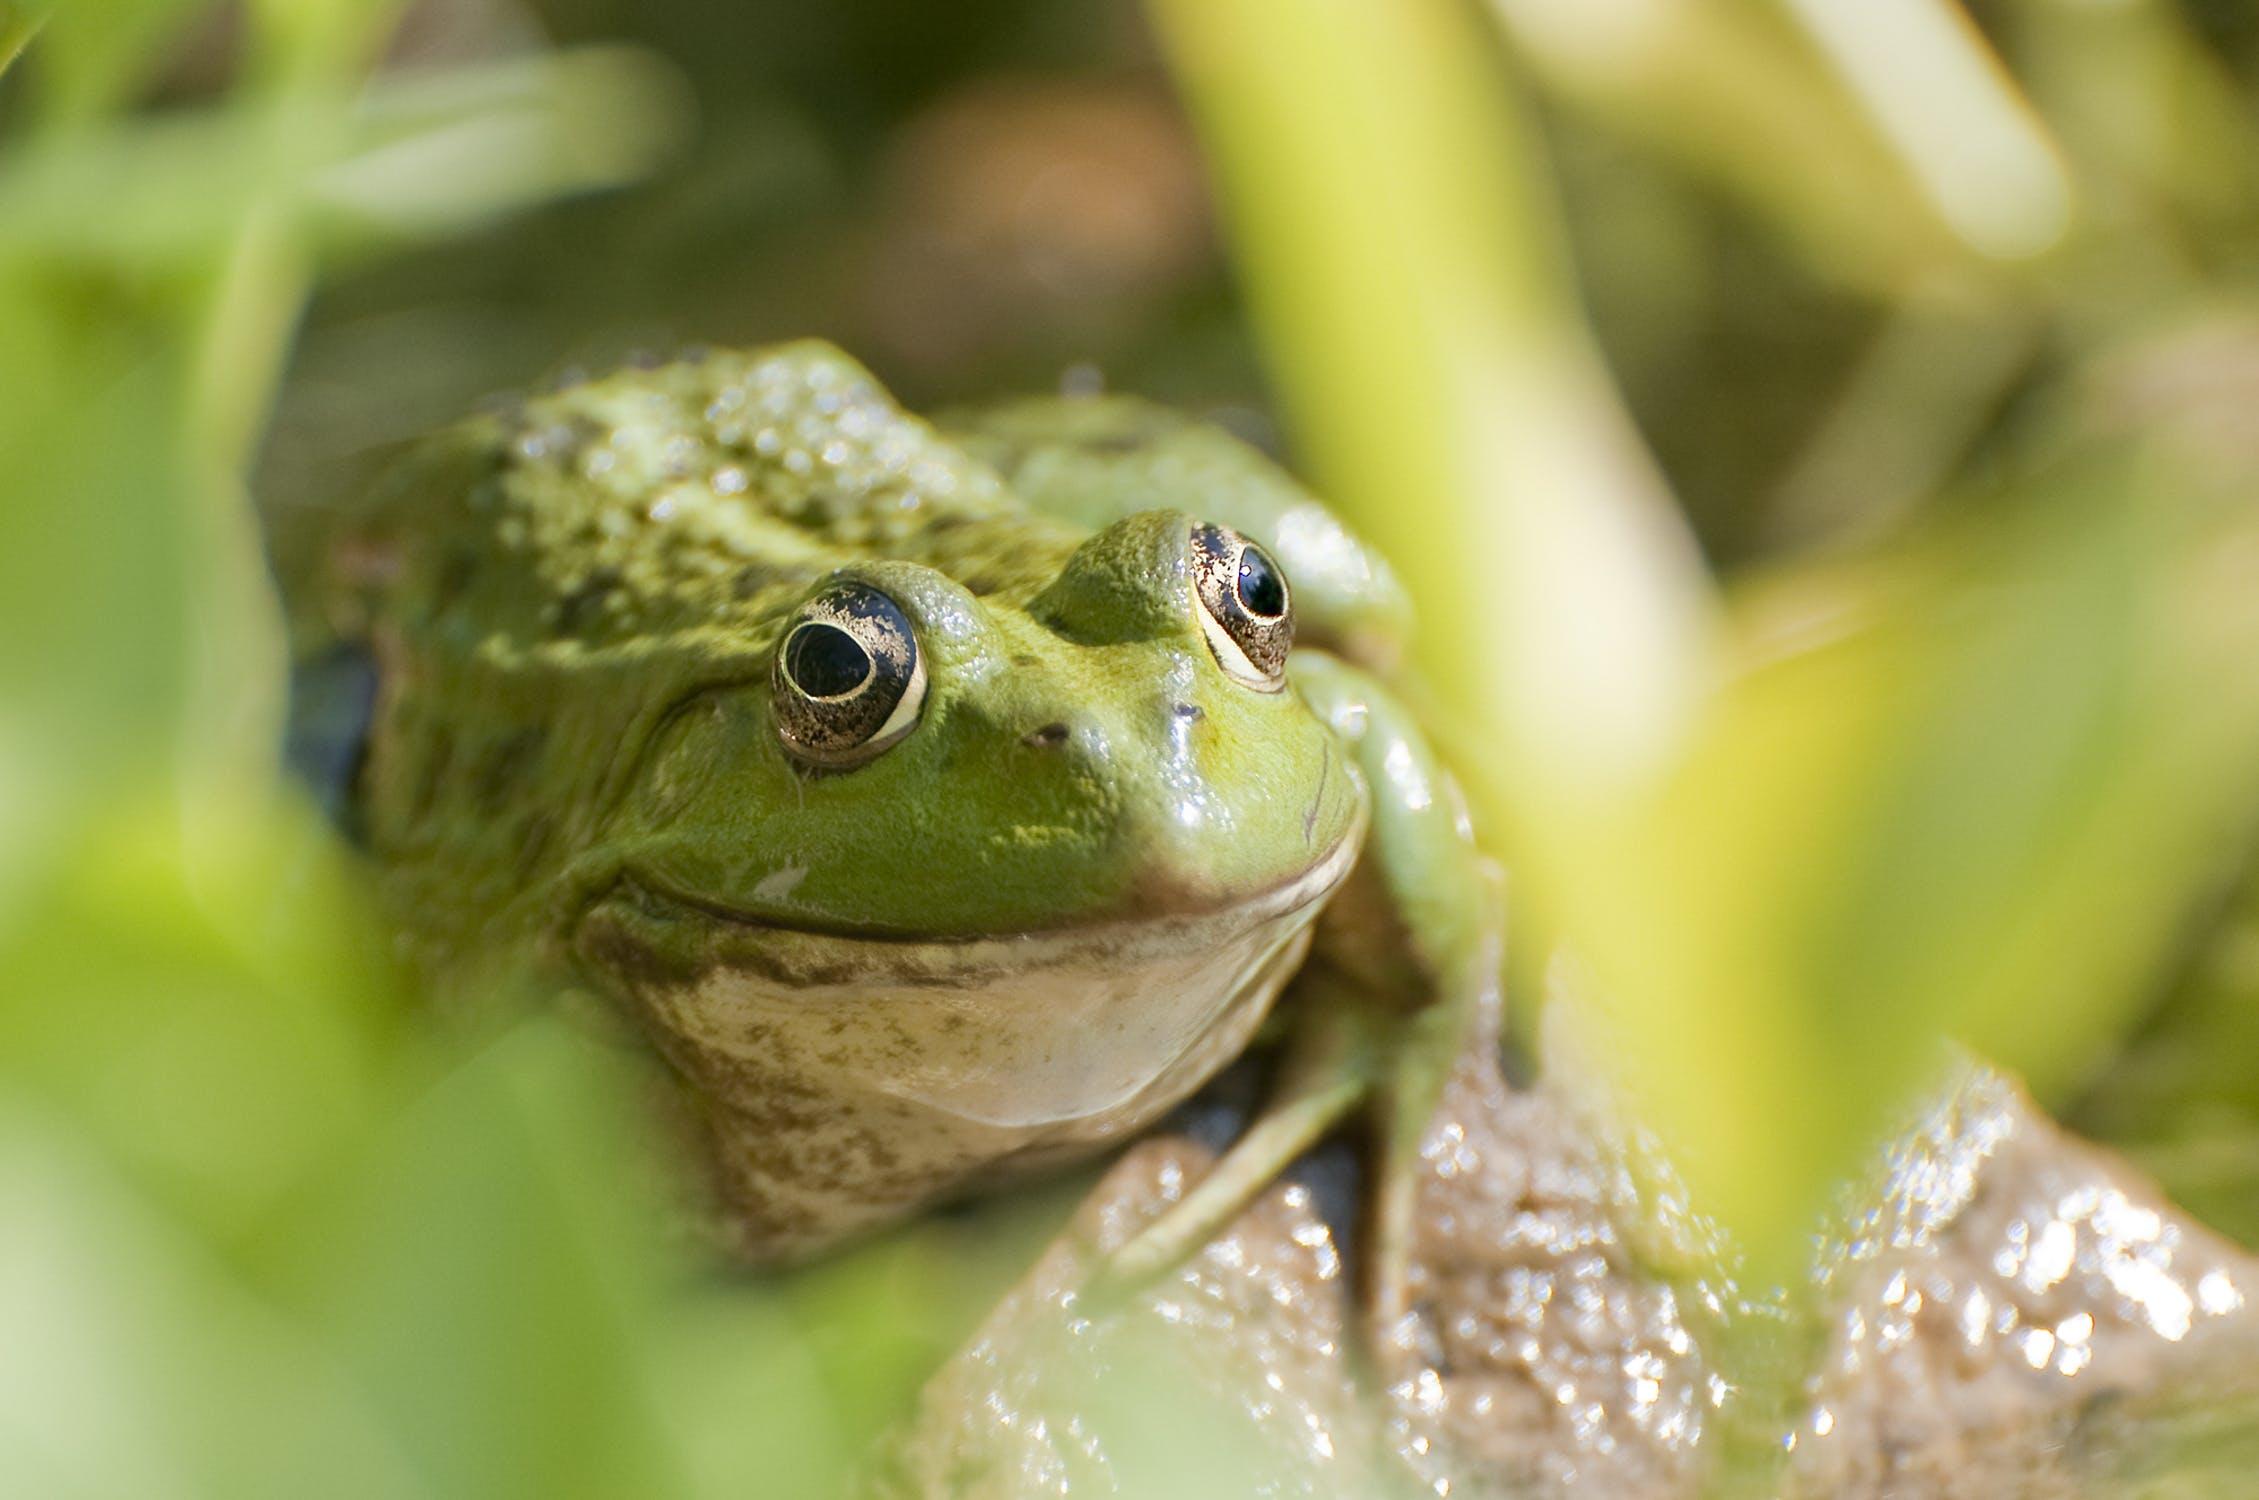 Sugarloaf-animal-hospital-frog